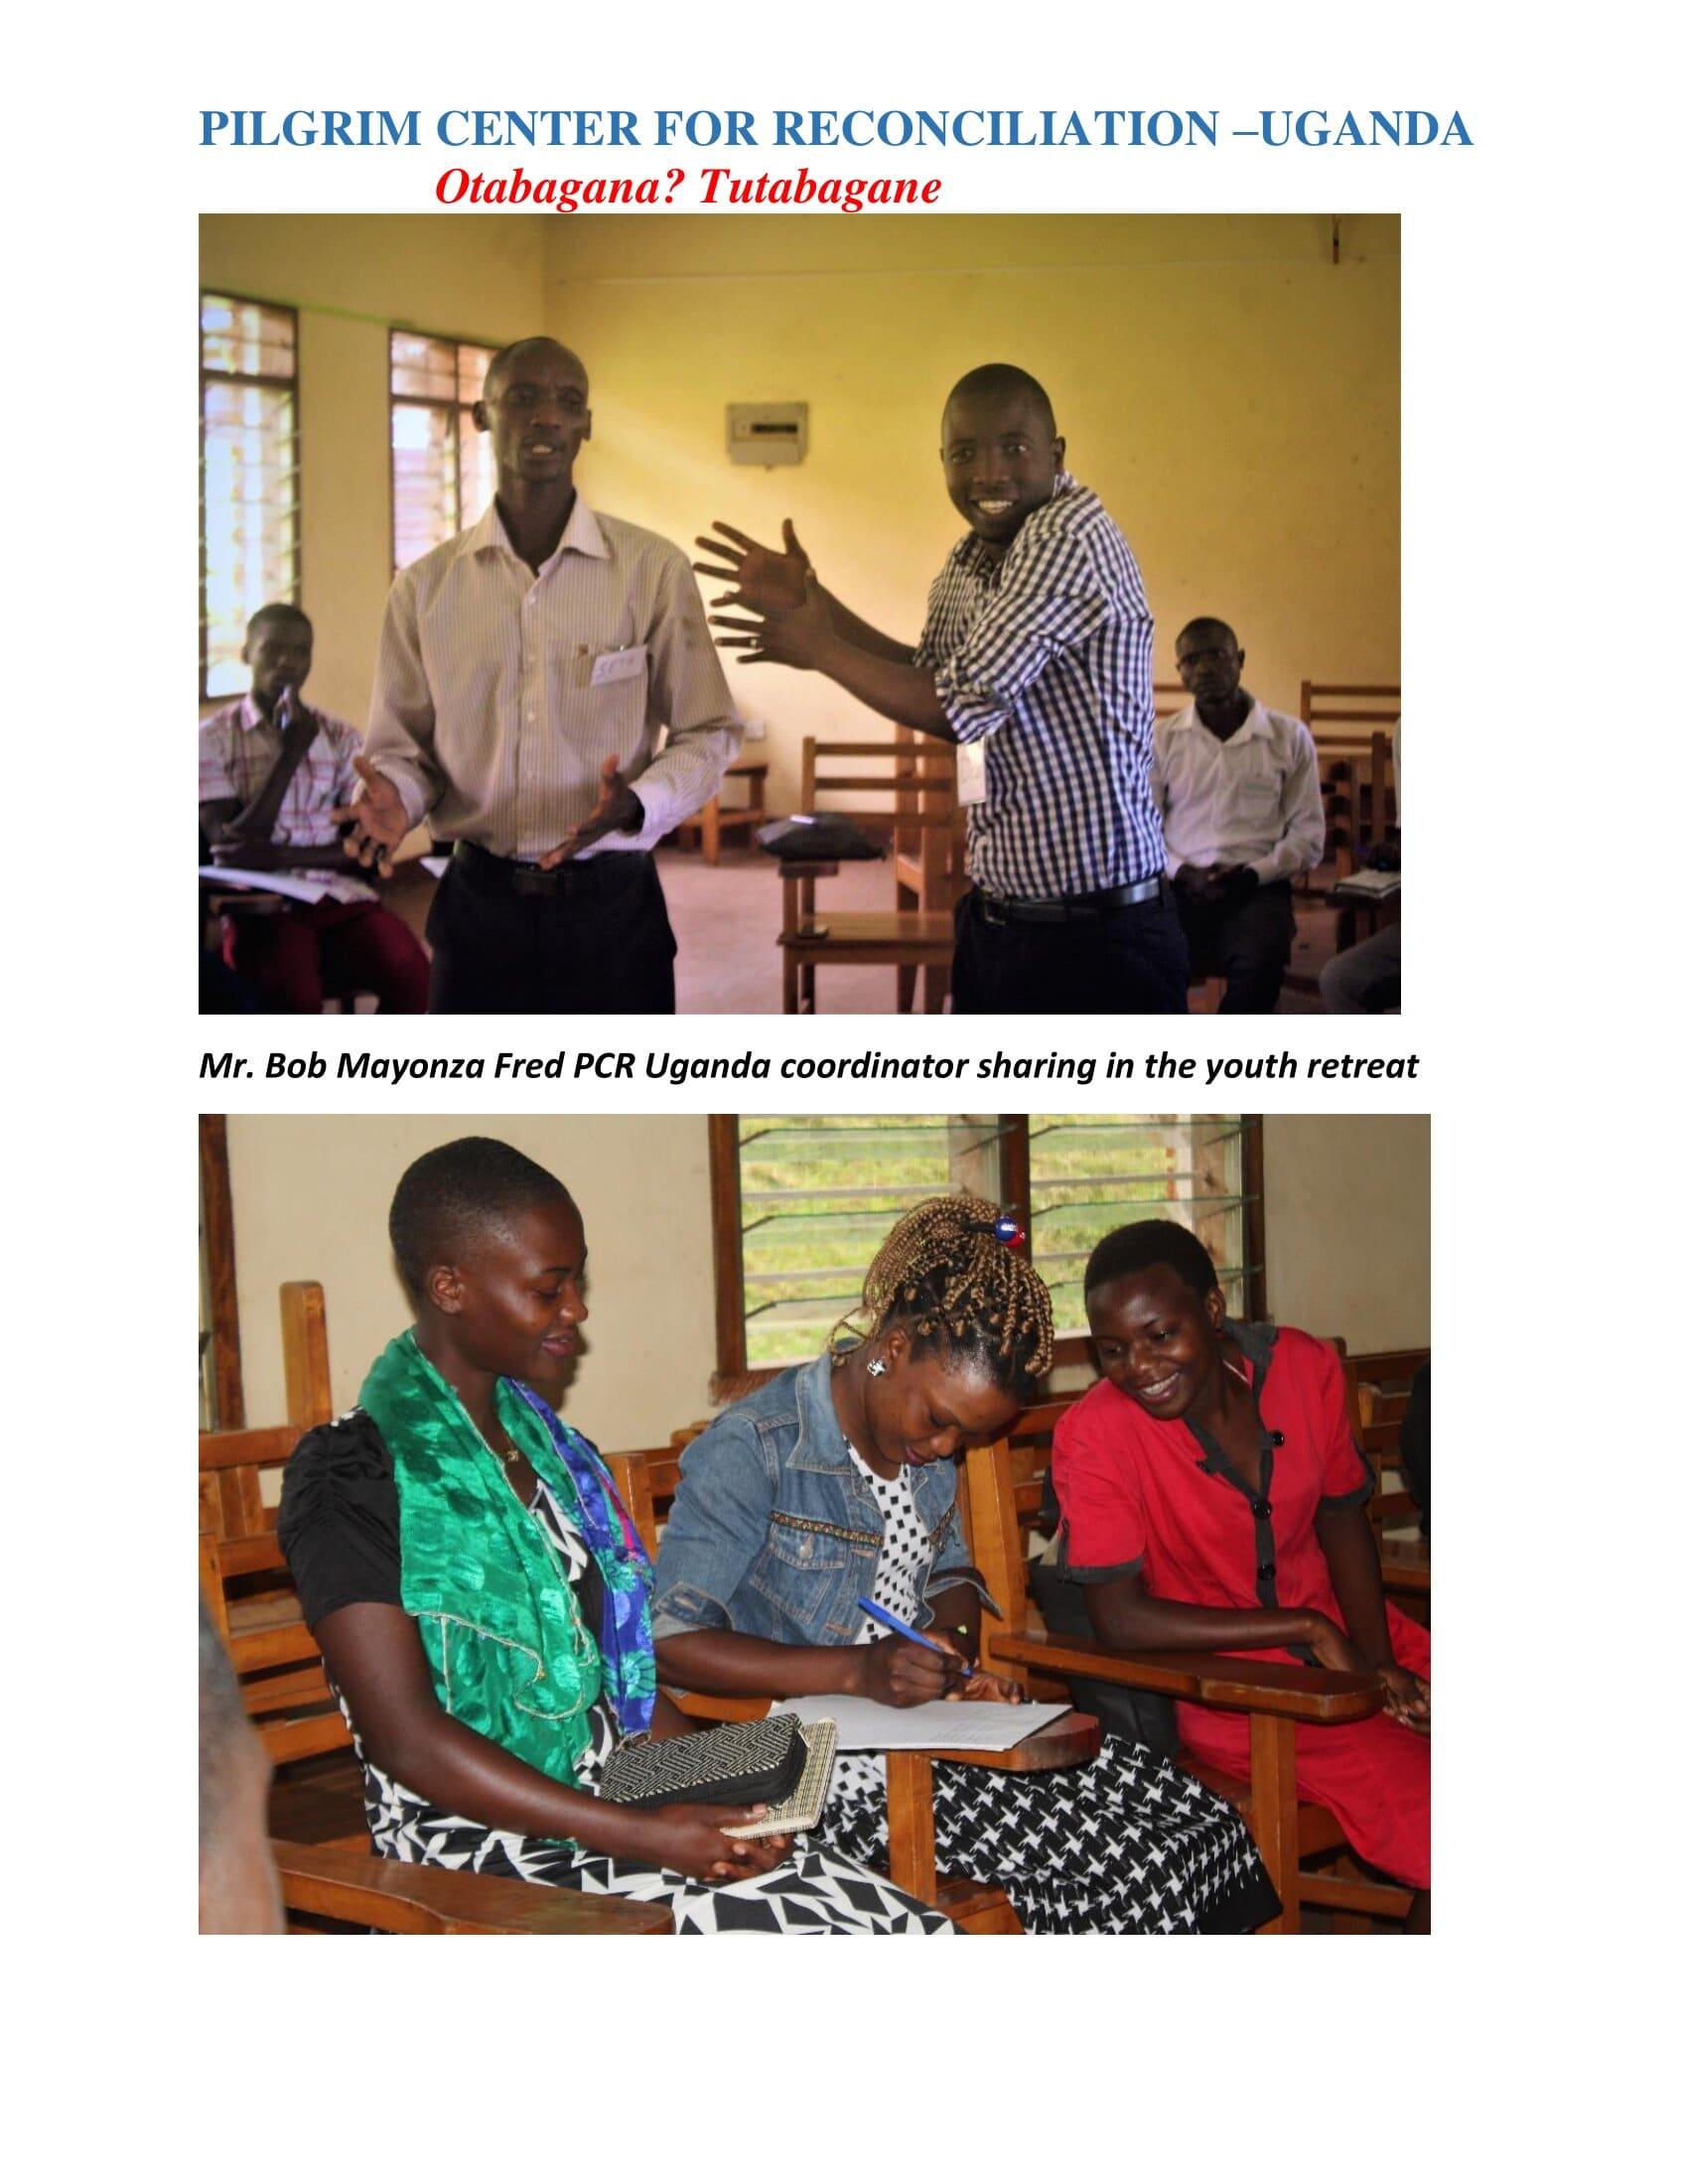 Pirigrim center for reconcilation -Uganda _0002-min